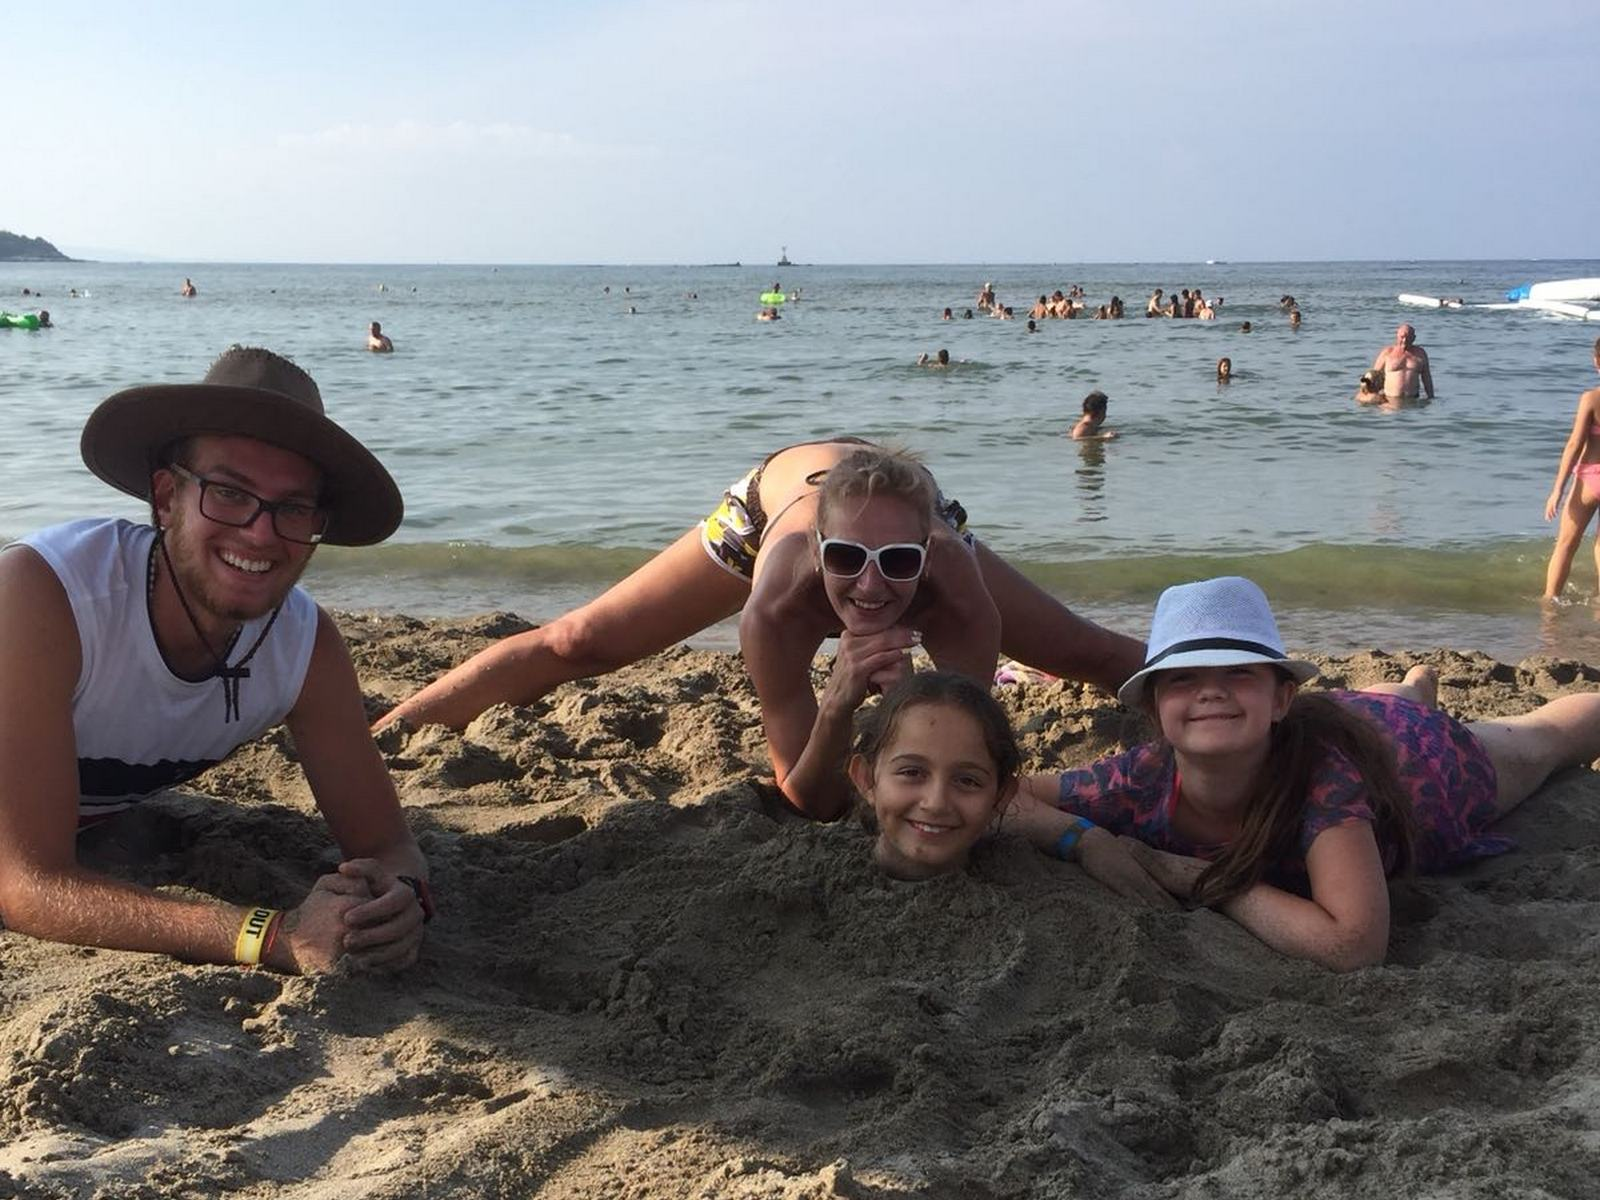 Z кемп, ден 16 - на плажа, дете заровено до главата в пясъка и други около него, морето е на заден план